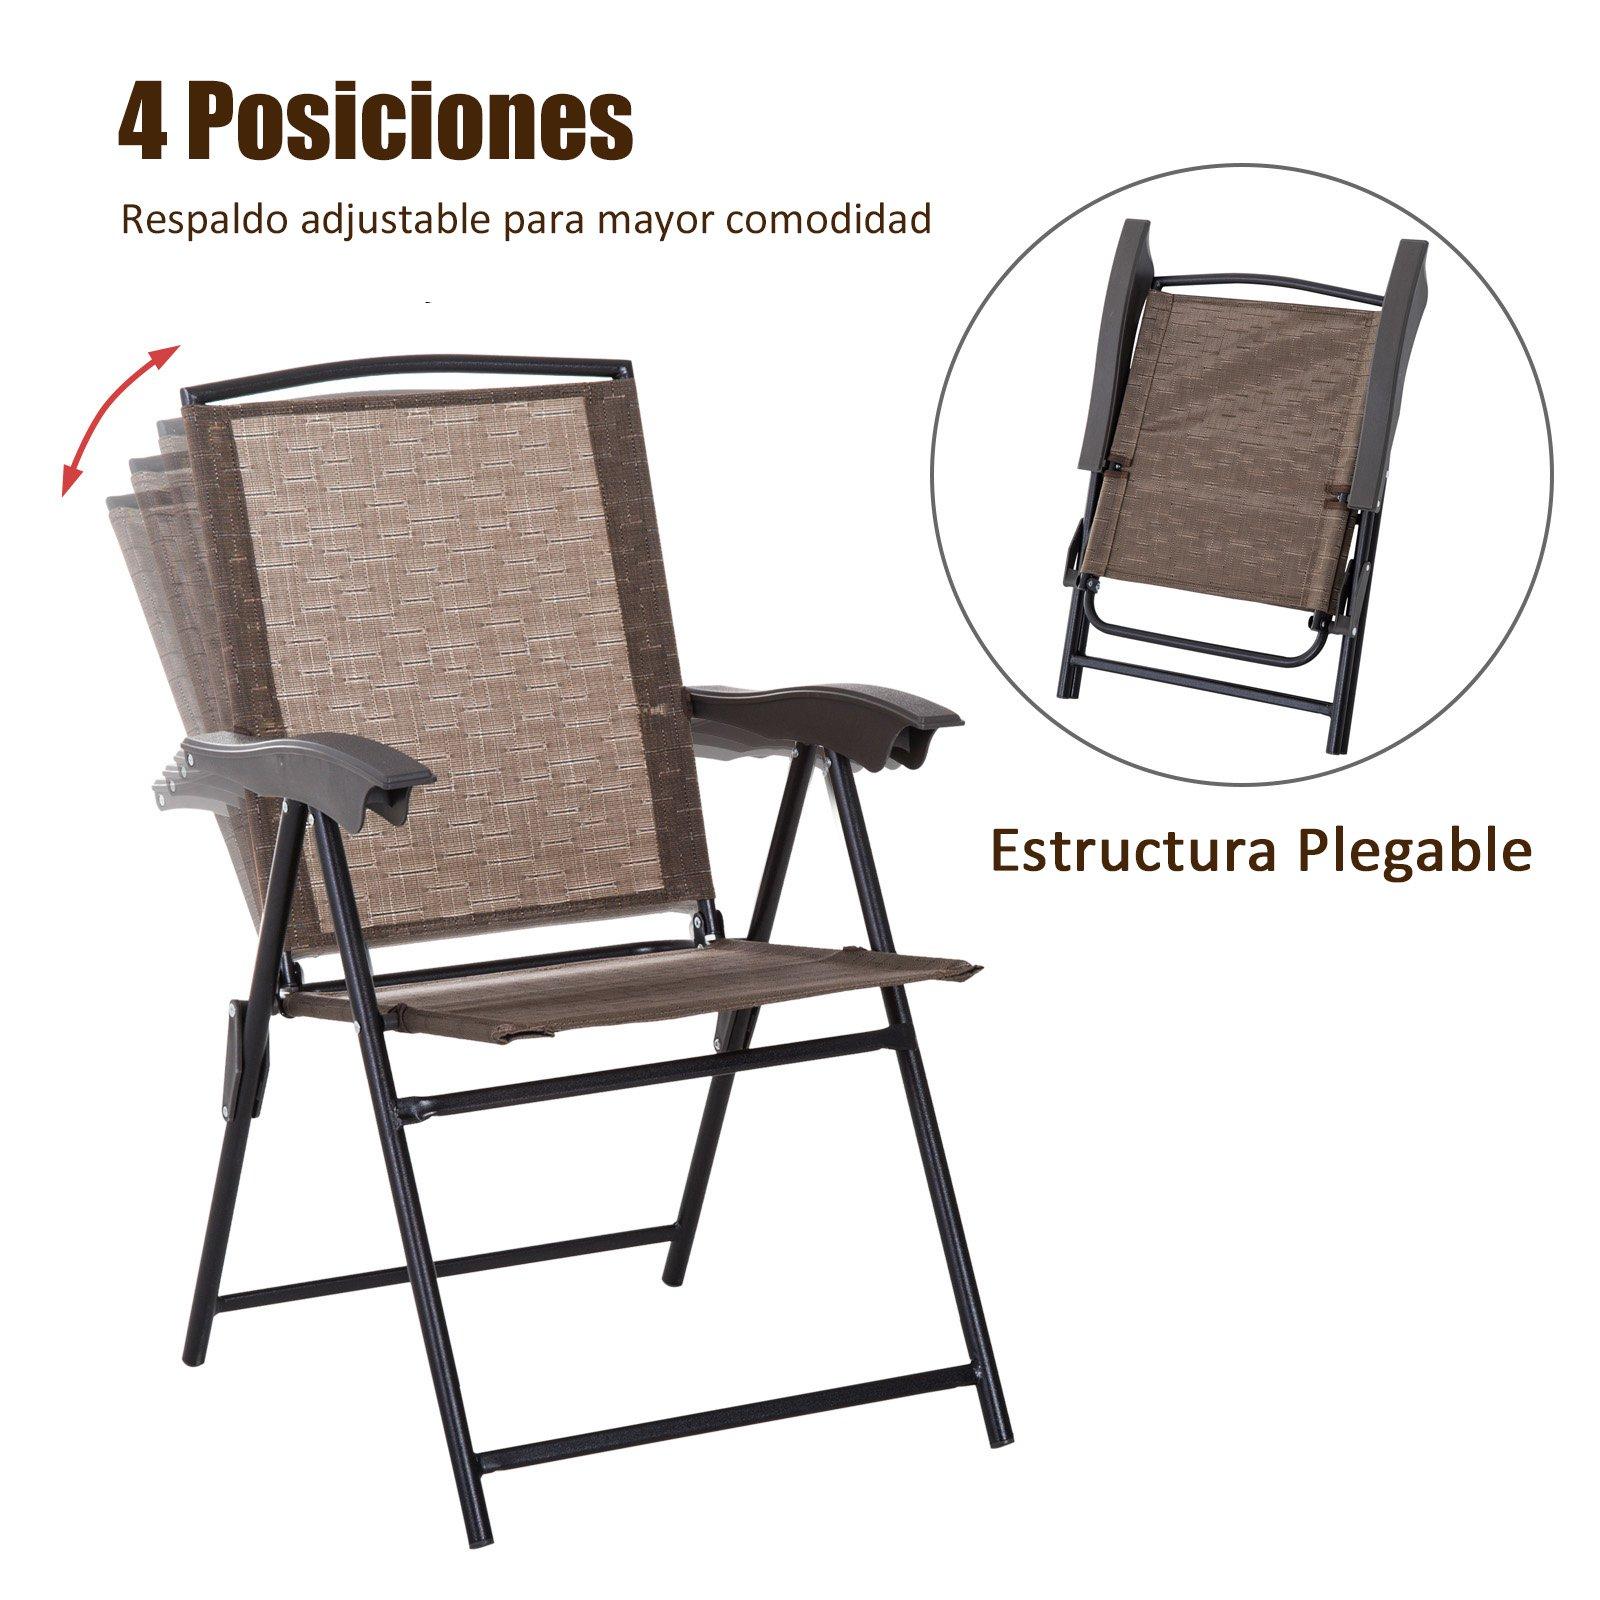 Muebles Conjunto Silla Y Sillas Plegable Respaldo Mesa 2 kPZiXuTO